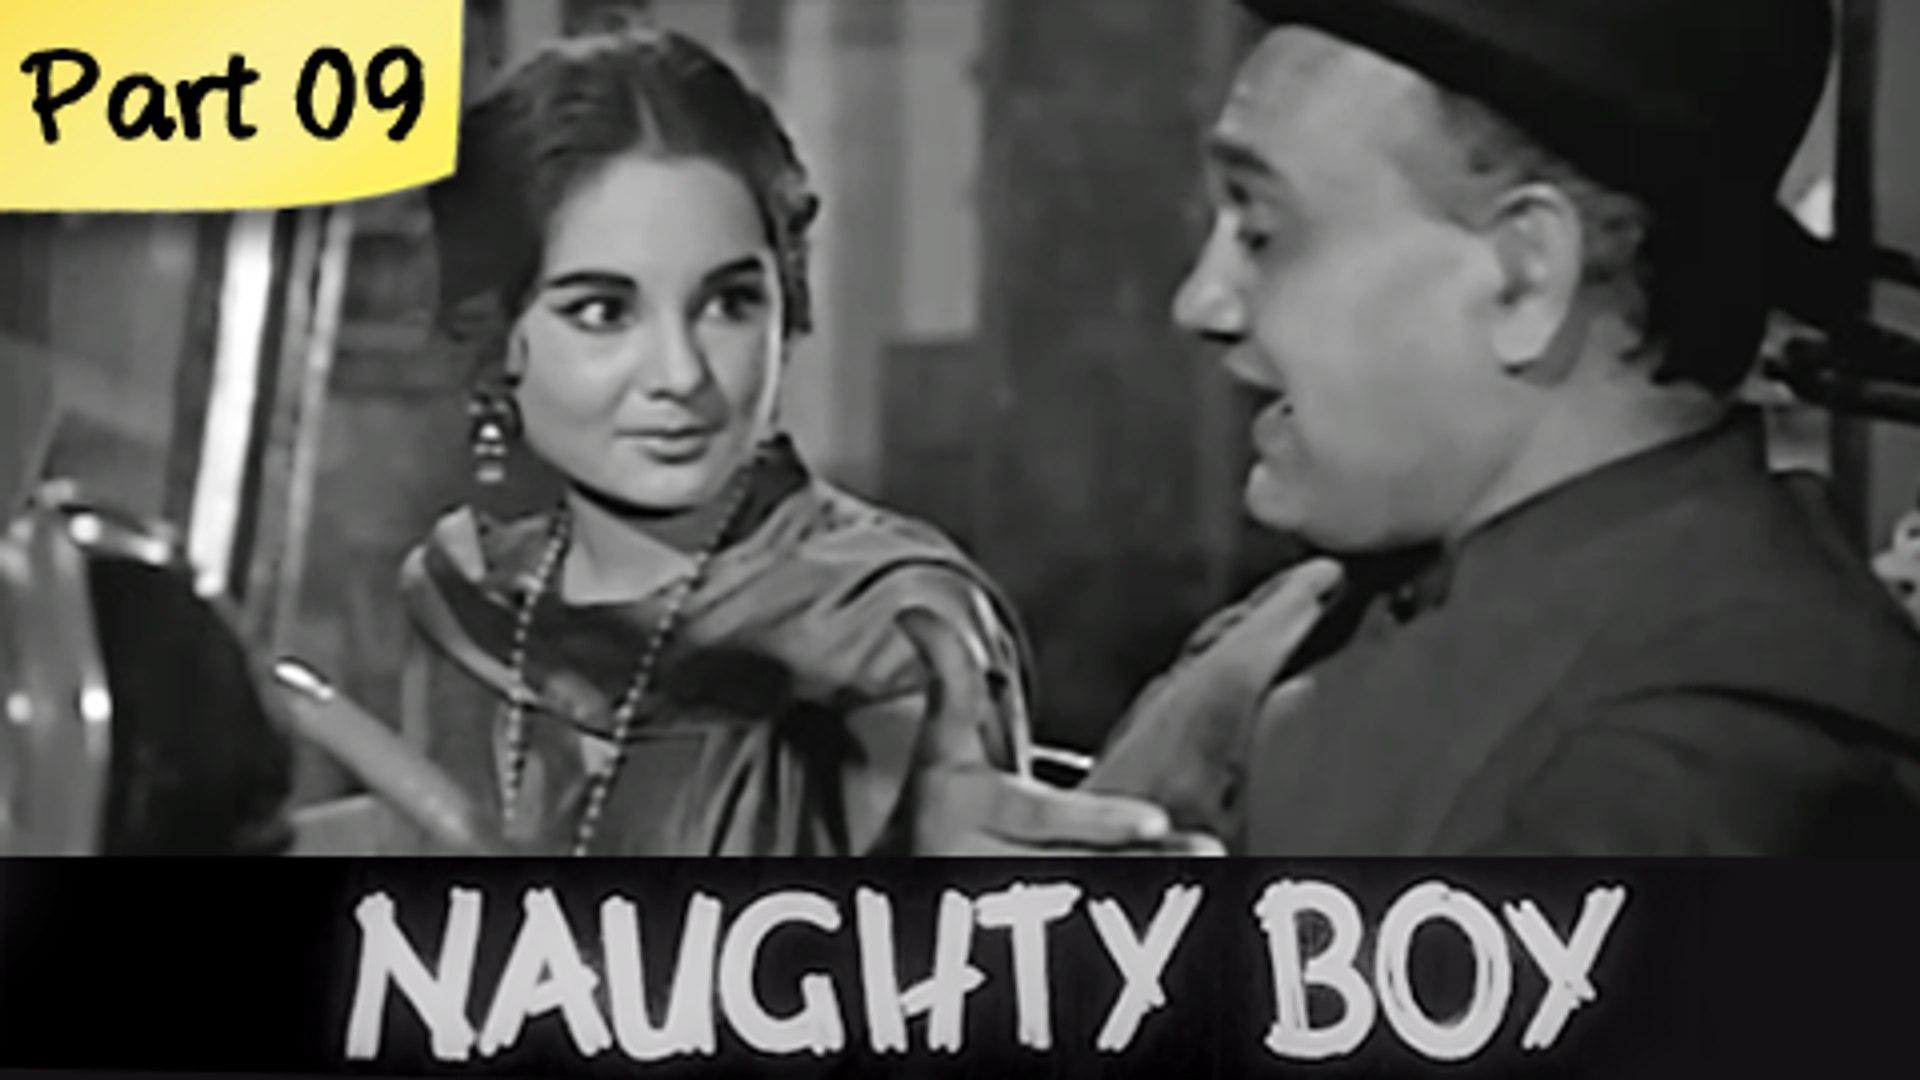 Naughty Boy - Part 09/09 - Classic Funny Hit Hindi Drama Movie - Kishore Kumar, Kalpana